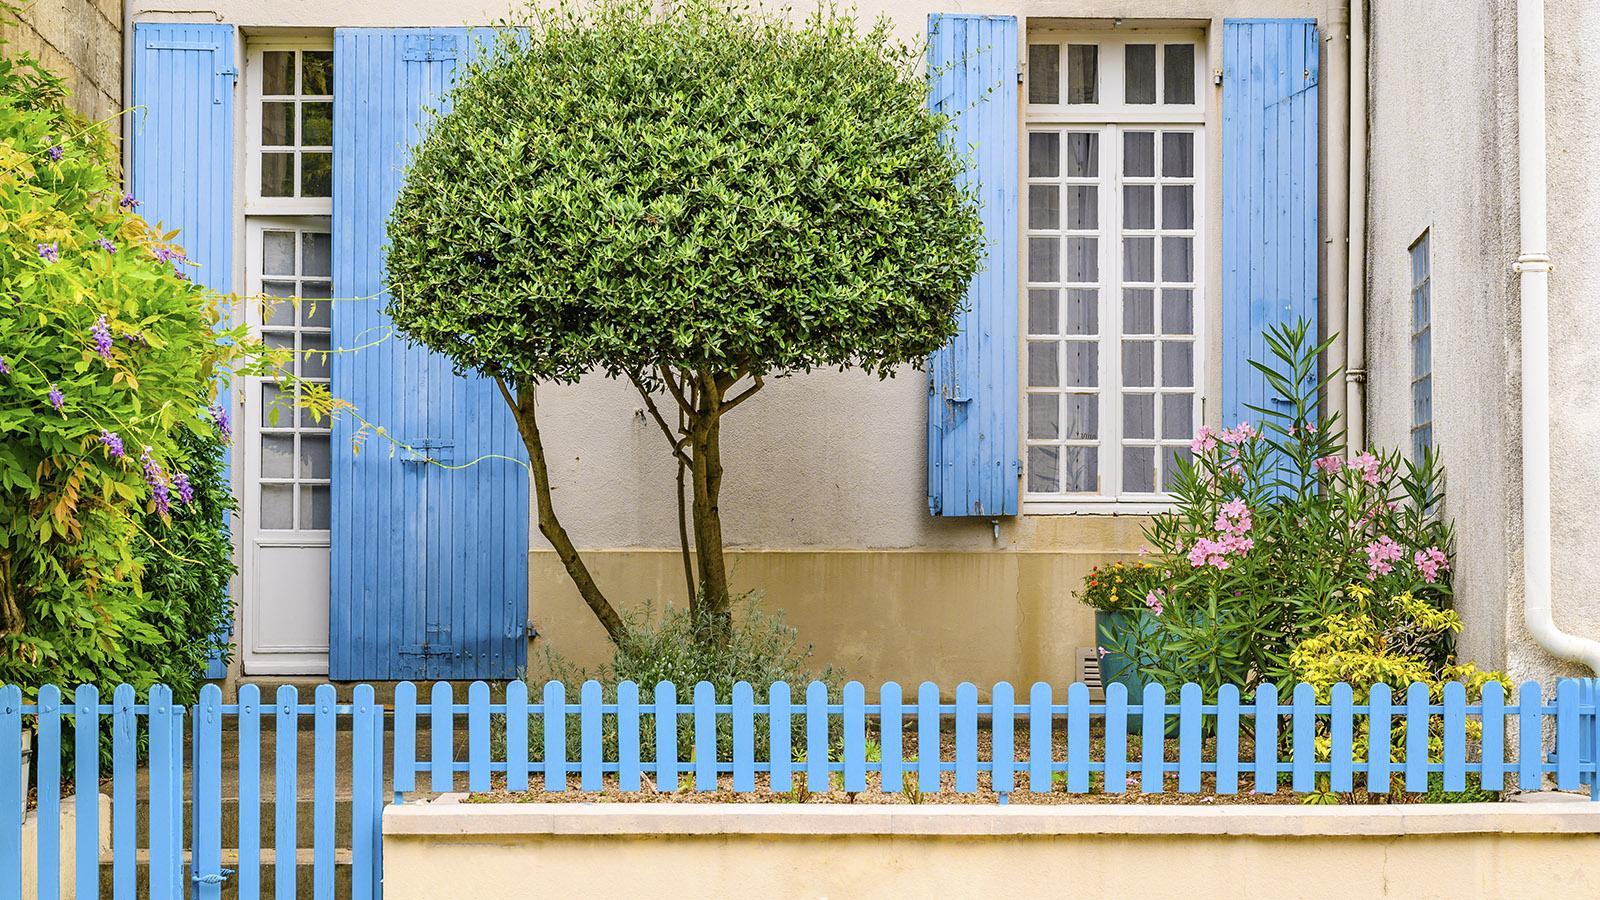 Weißer Putz, blaue Fensterläden: der typische Look der Häuser im <em>Marais Poitevin</em>. Foto: Hilke Maunder